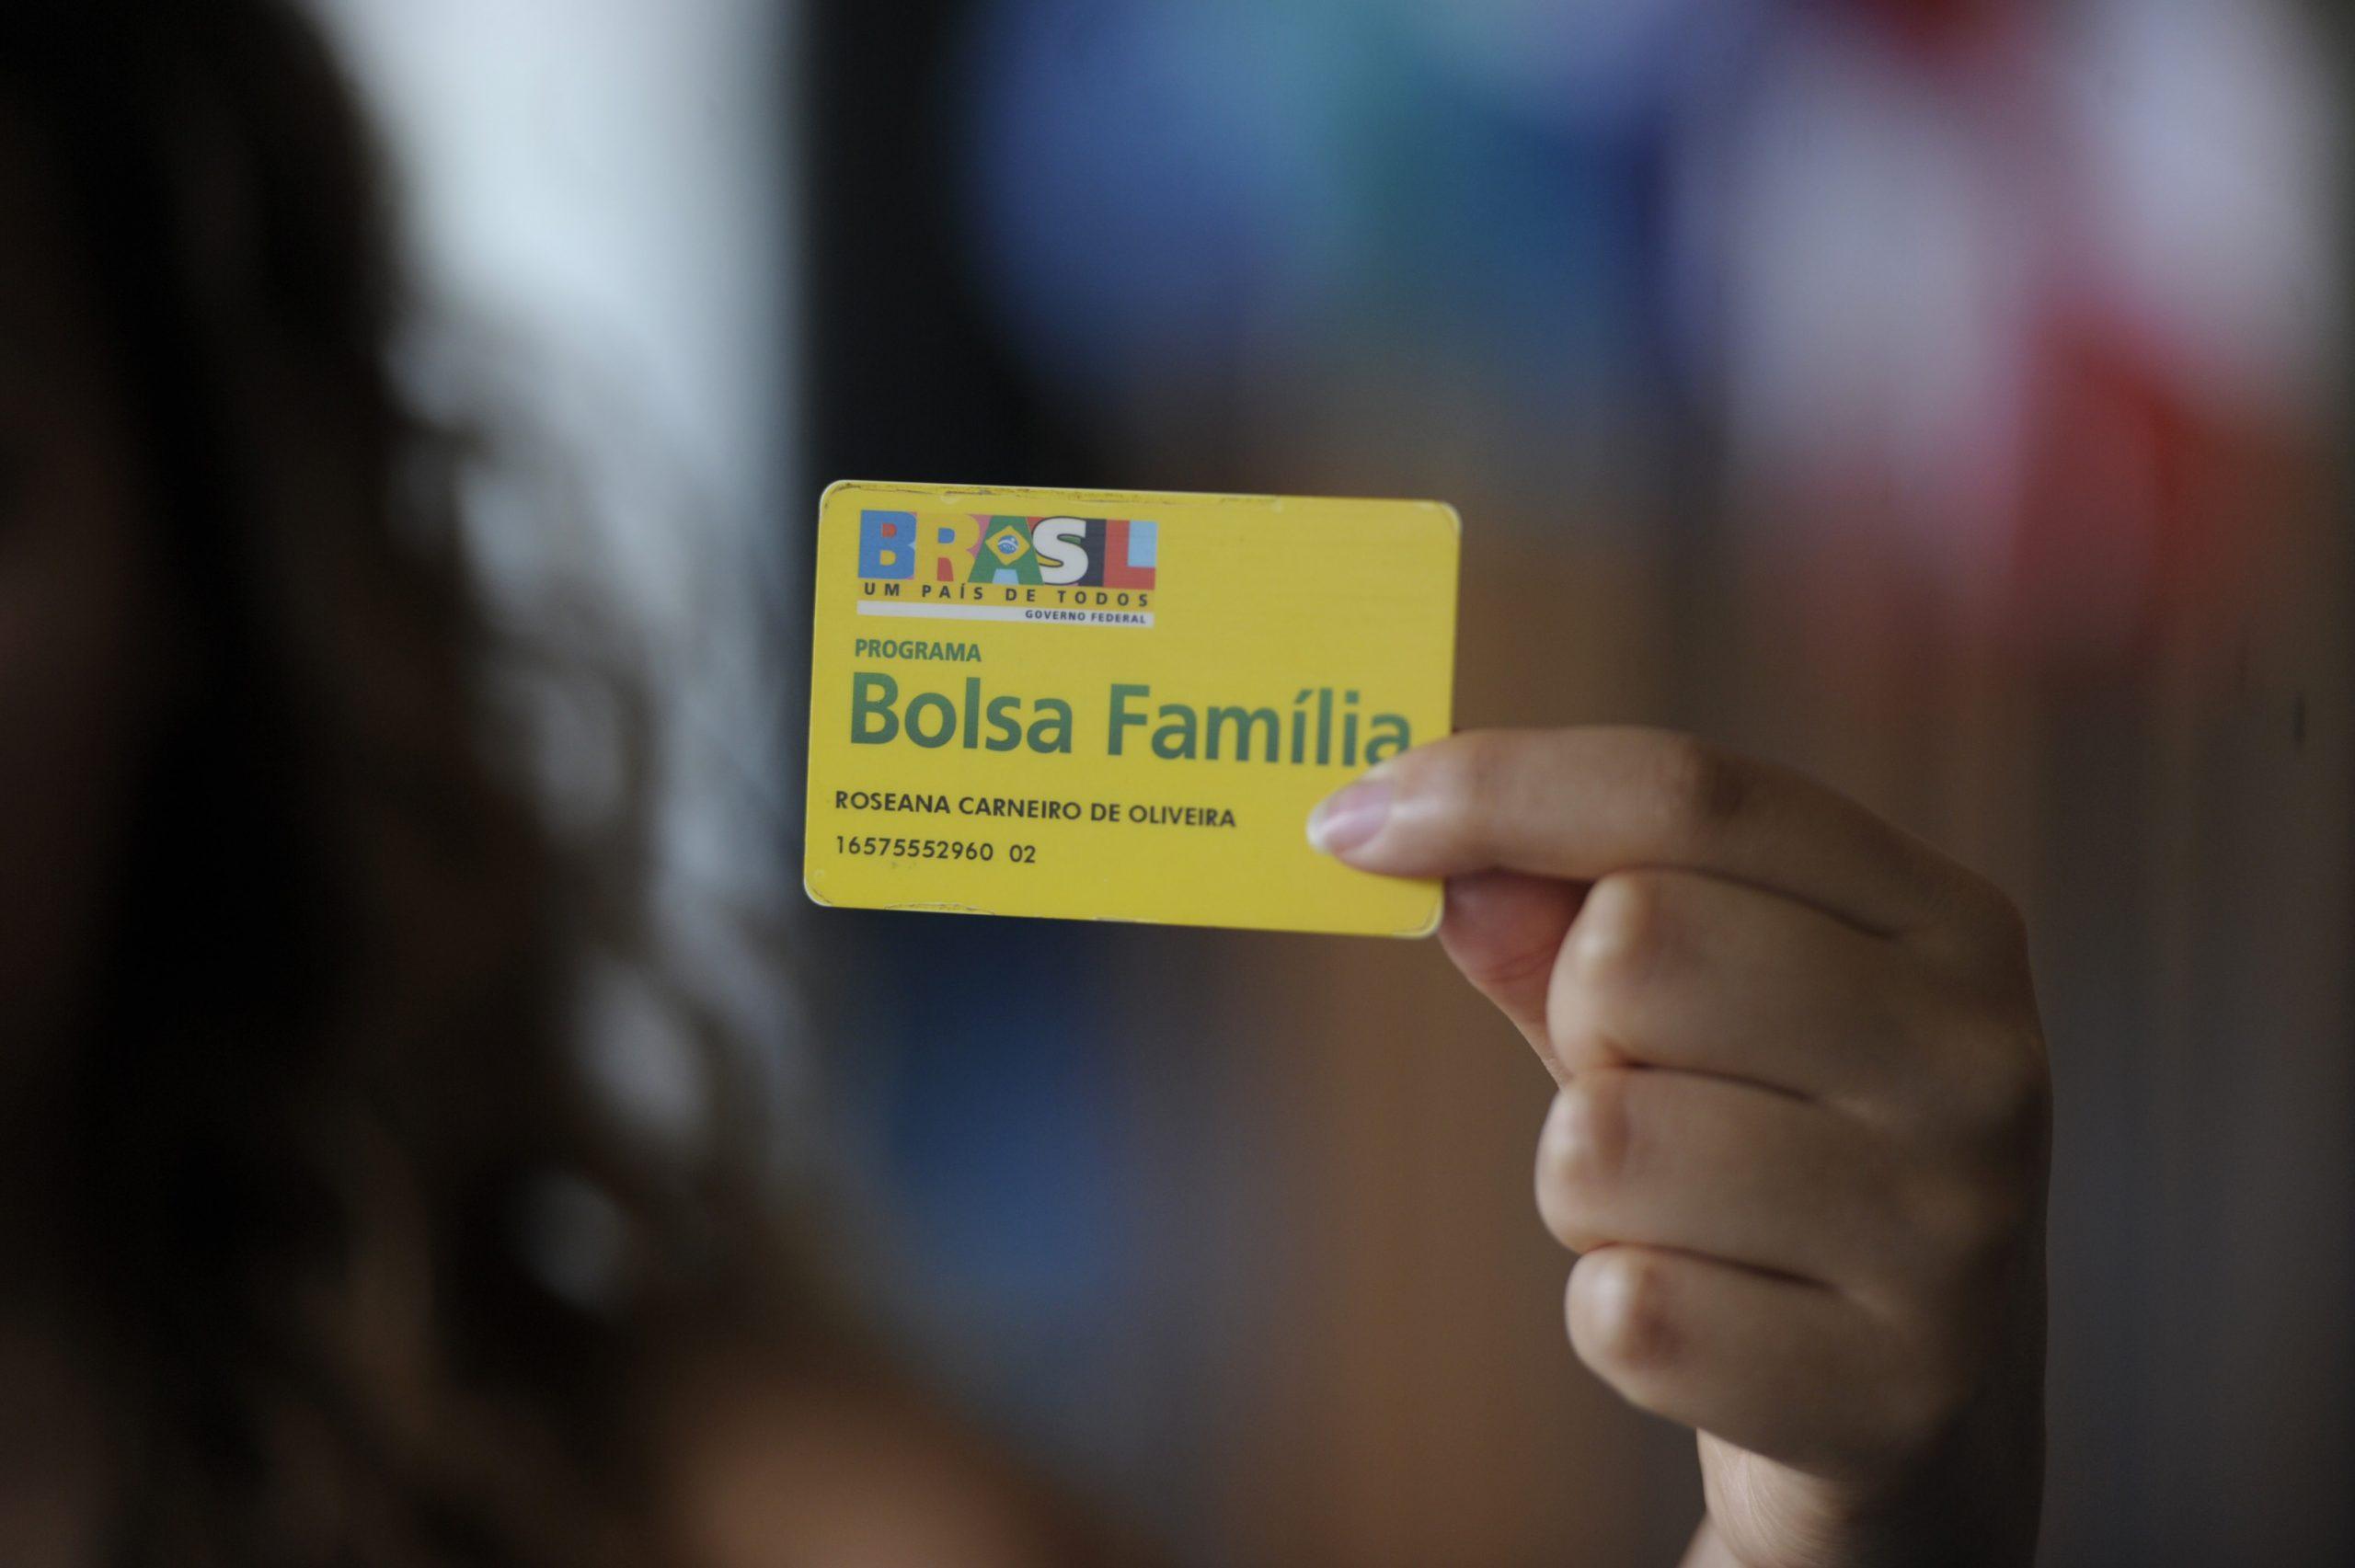 Novo Bolsa Família em Julho: Declarou Bolsonaro em Live